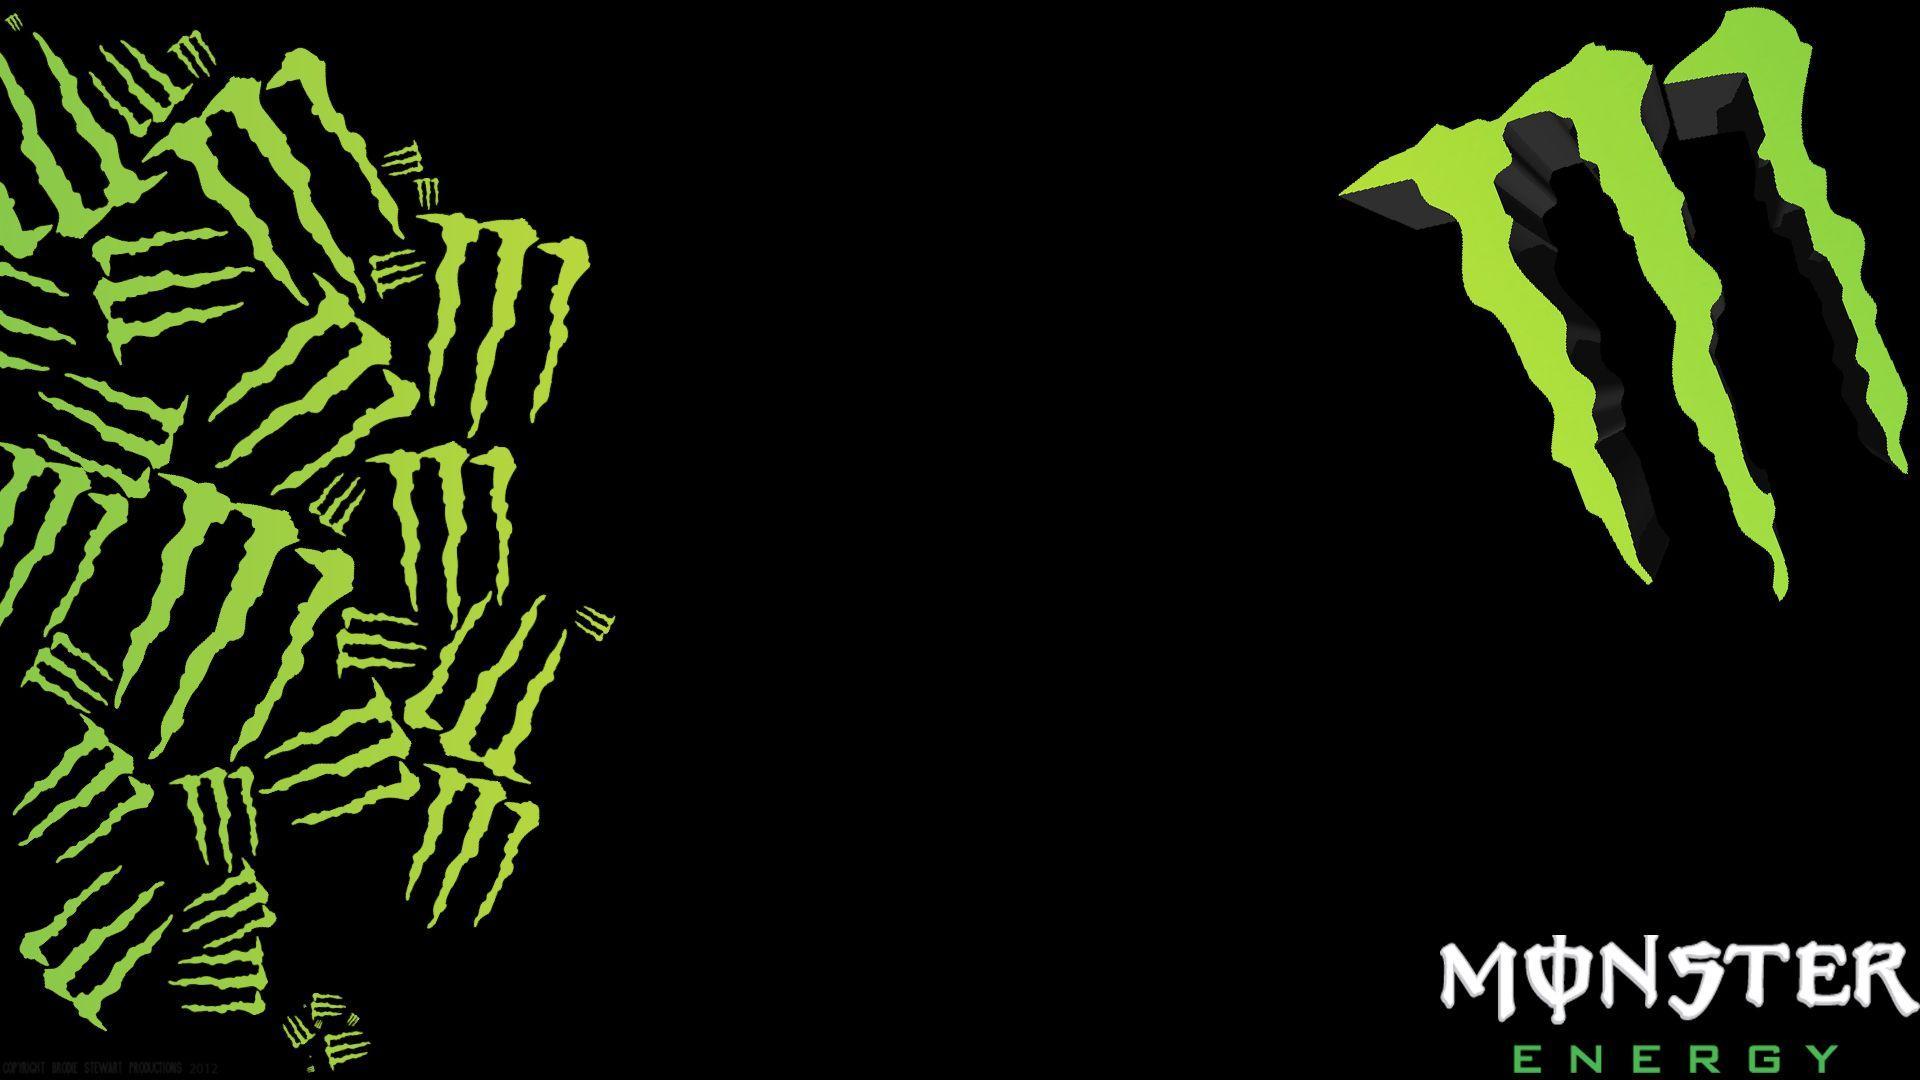 Blue Monster Energy Logo Wallpaper - WallpaperSafari